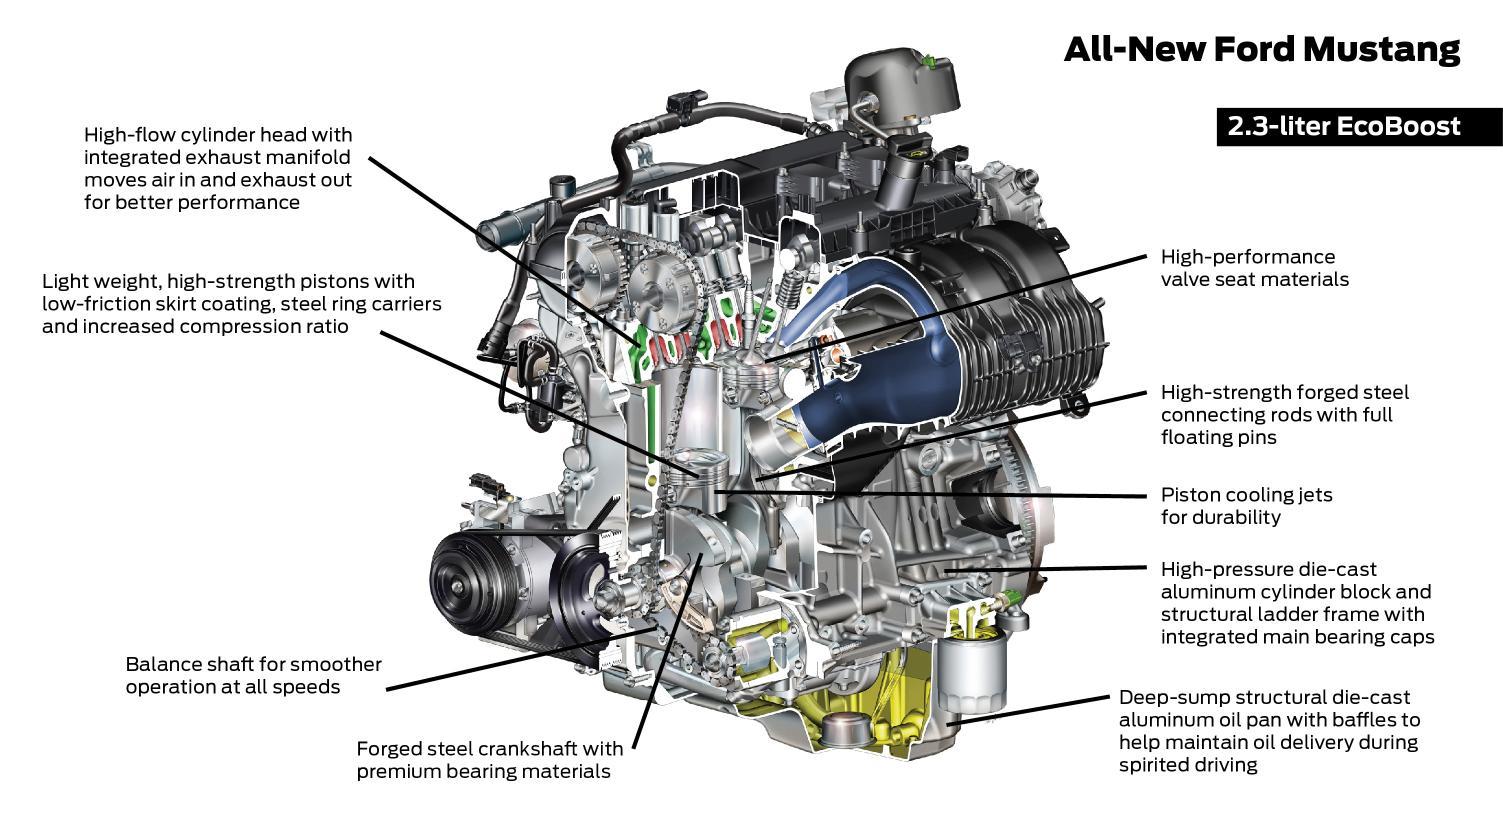 2015 mustang ford details 2 3 liter ecoboost autoevolution rh autoevolution com 2000 Ford Mustang Engine Diagram Ford Mustang 289 Engine Diagram